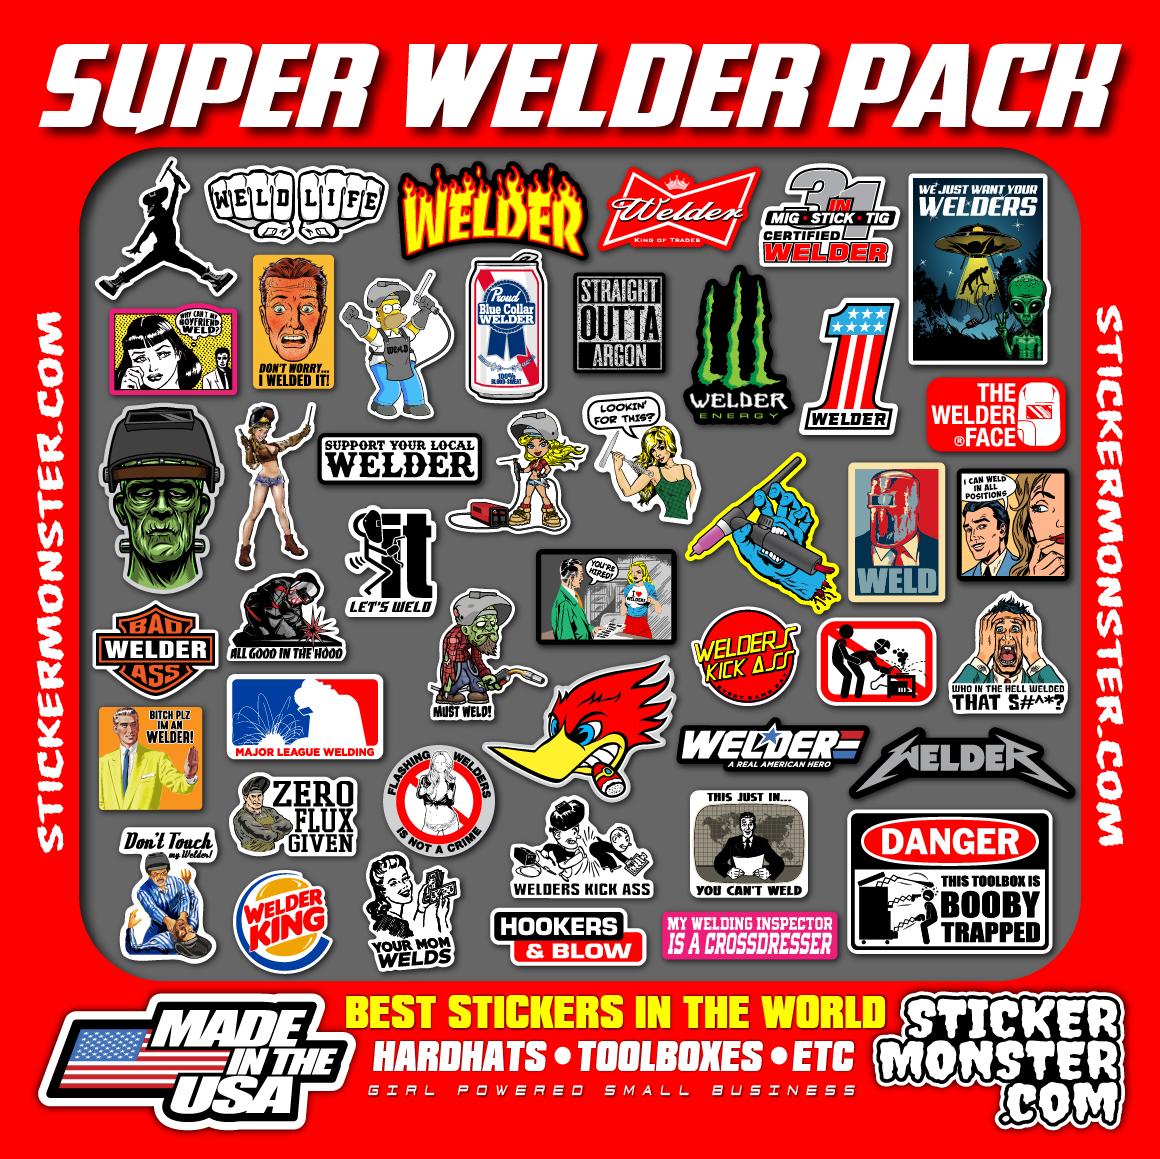 Home Decoration - SUPER WELDER PACK 40+ Hard Hat Stickers HardHat Sticker & Decals, Welding Hood